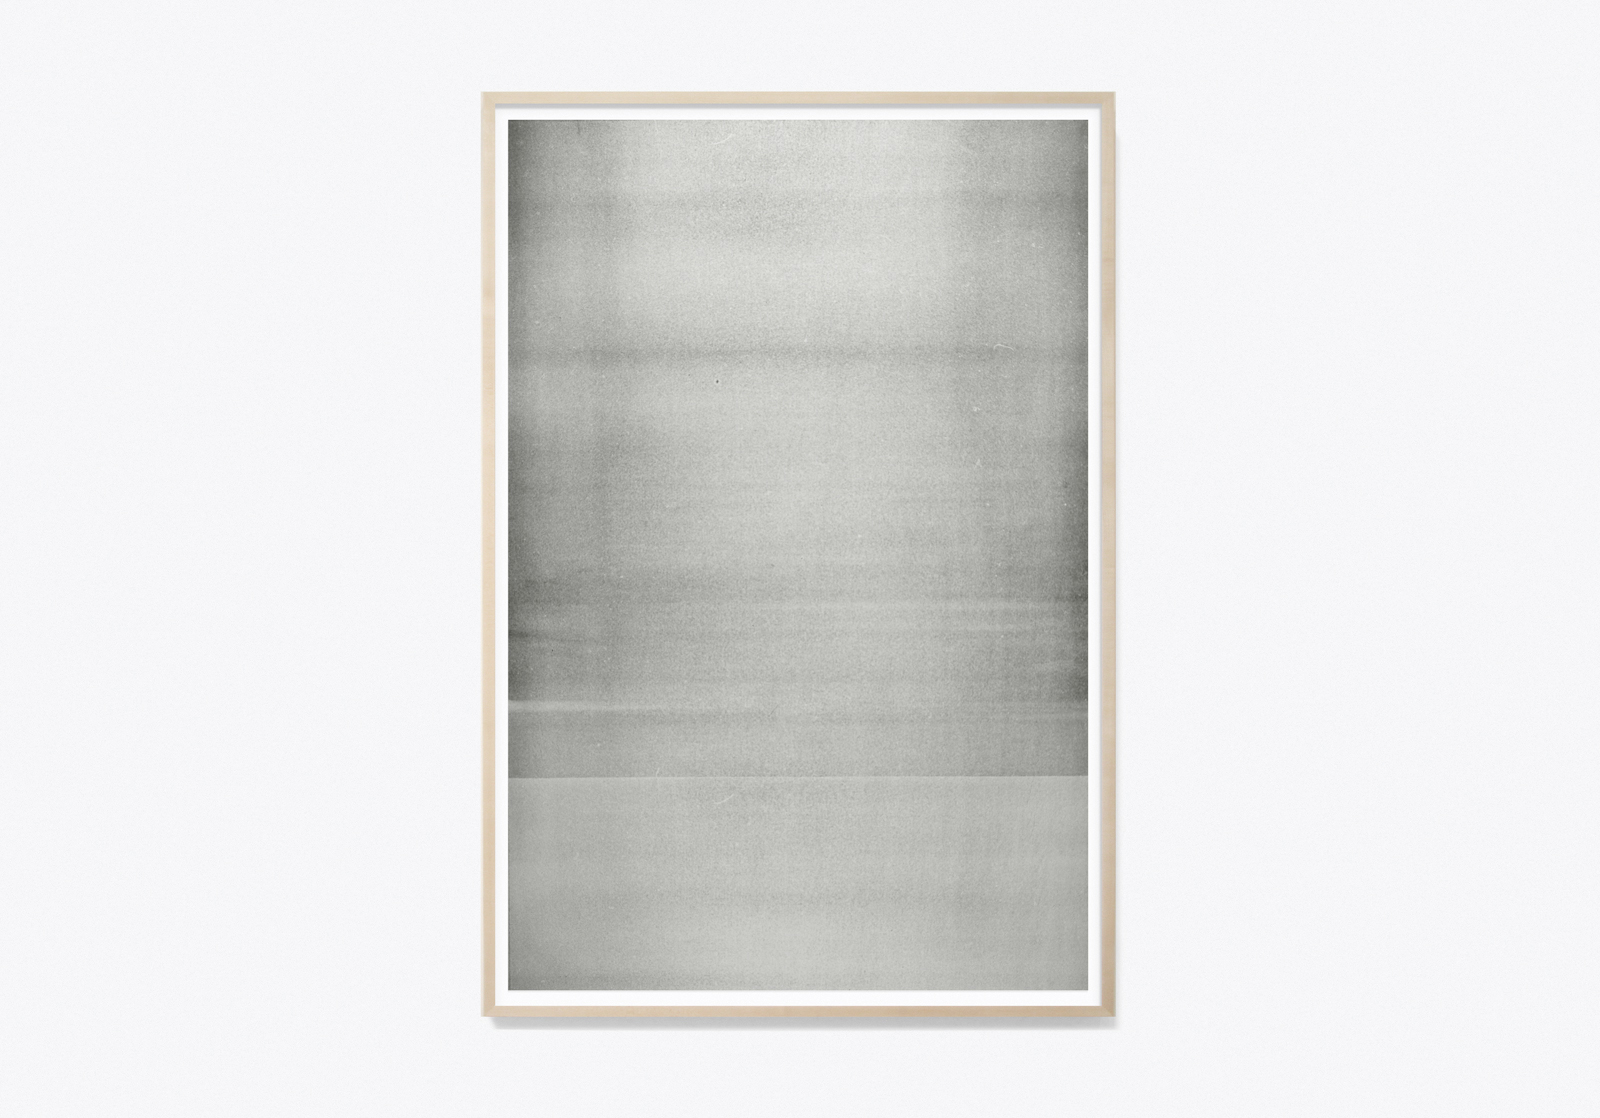 """Jim Verburg,  Untitled (Reflected/Repeated) #5 , 2014, encre à base d'huile sur papier journal, 91 x 61 cm (36"""" x 24"""")"""